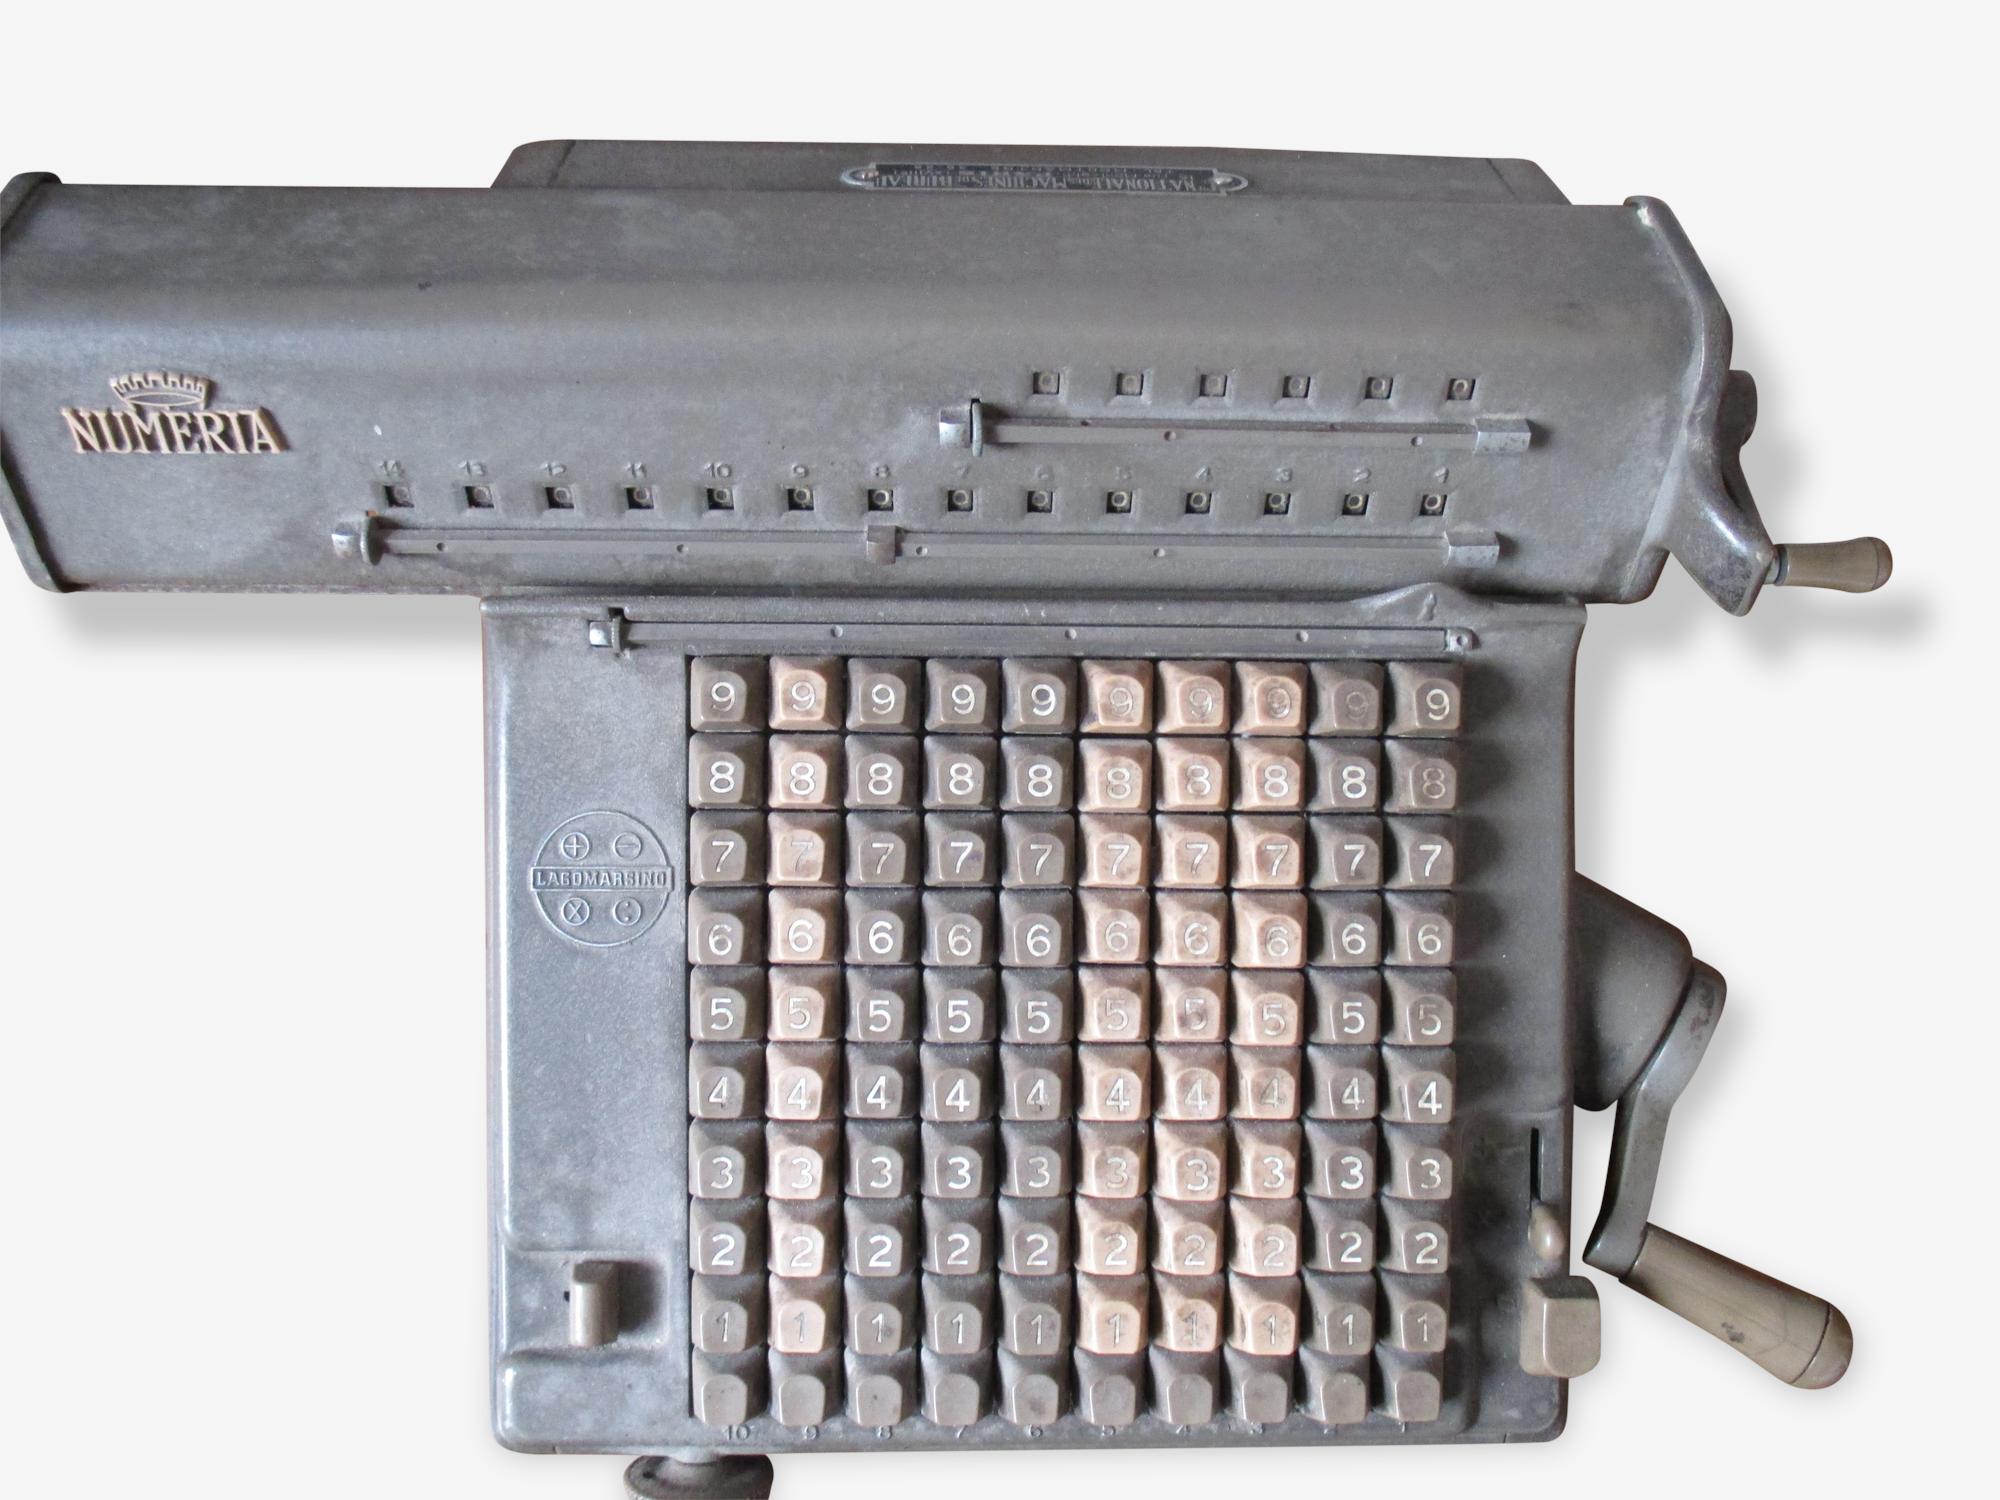 Machine à calculer des années 50 Numéria